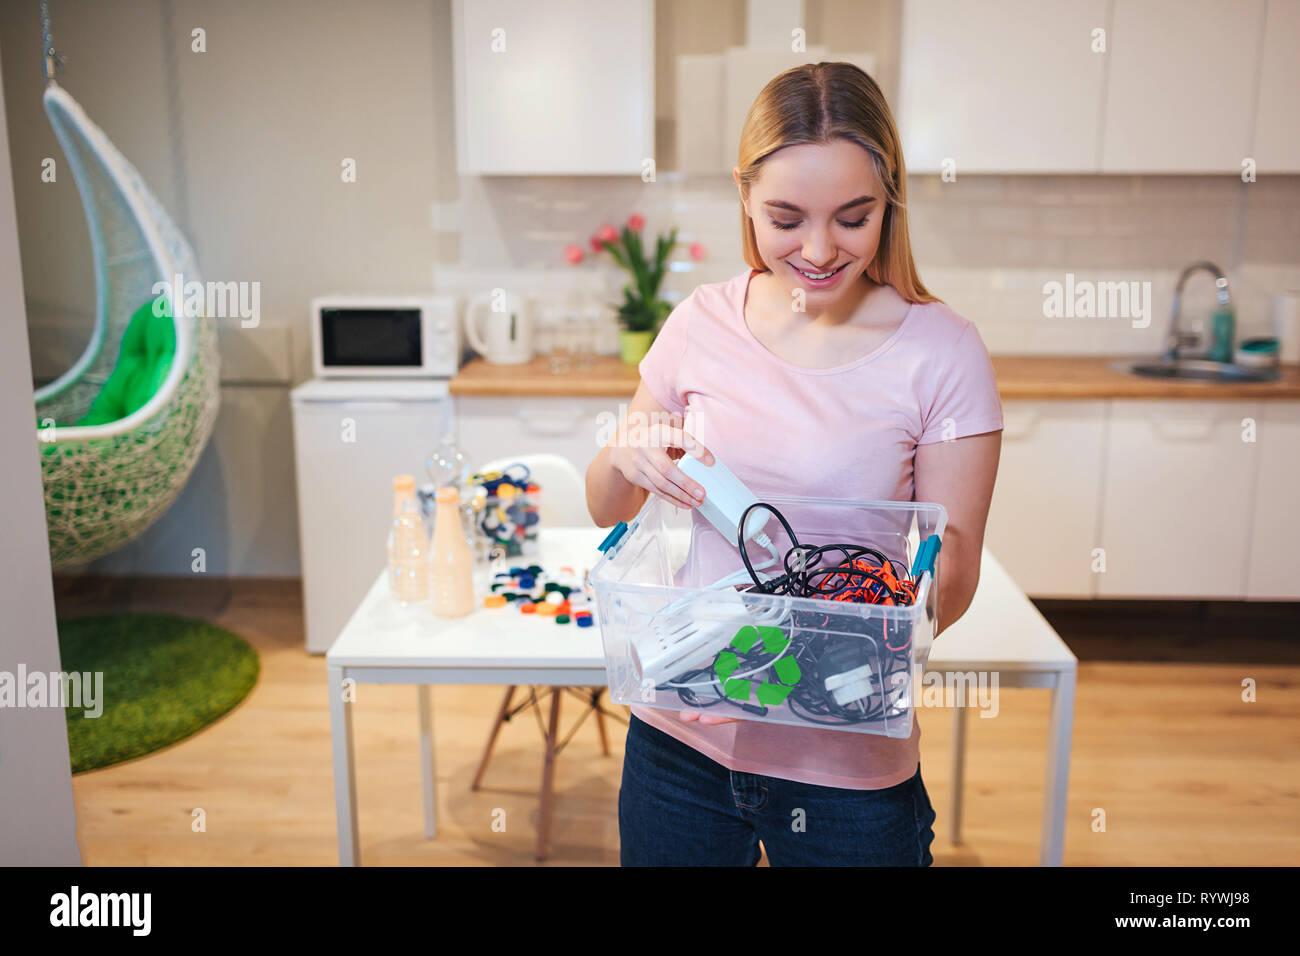 Il riciclaggio. Giovane donna sorridente di contenimento rifiuti elettronici nel contenitore con riciclo verde icona sullo sfondo di cucina Immagini Stock